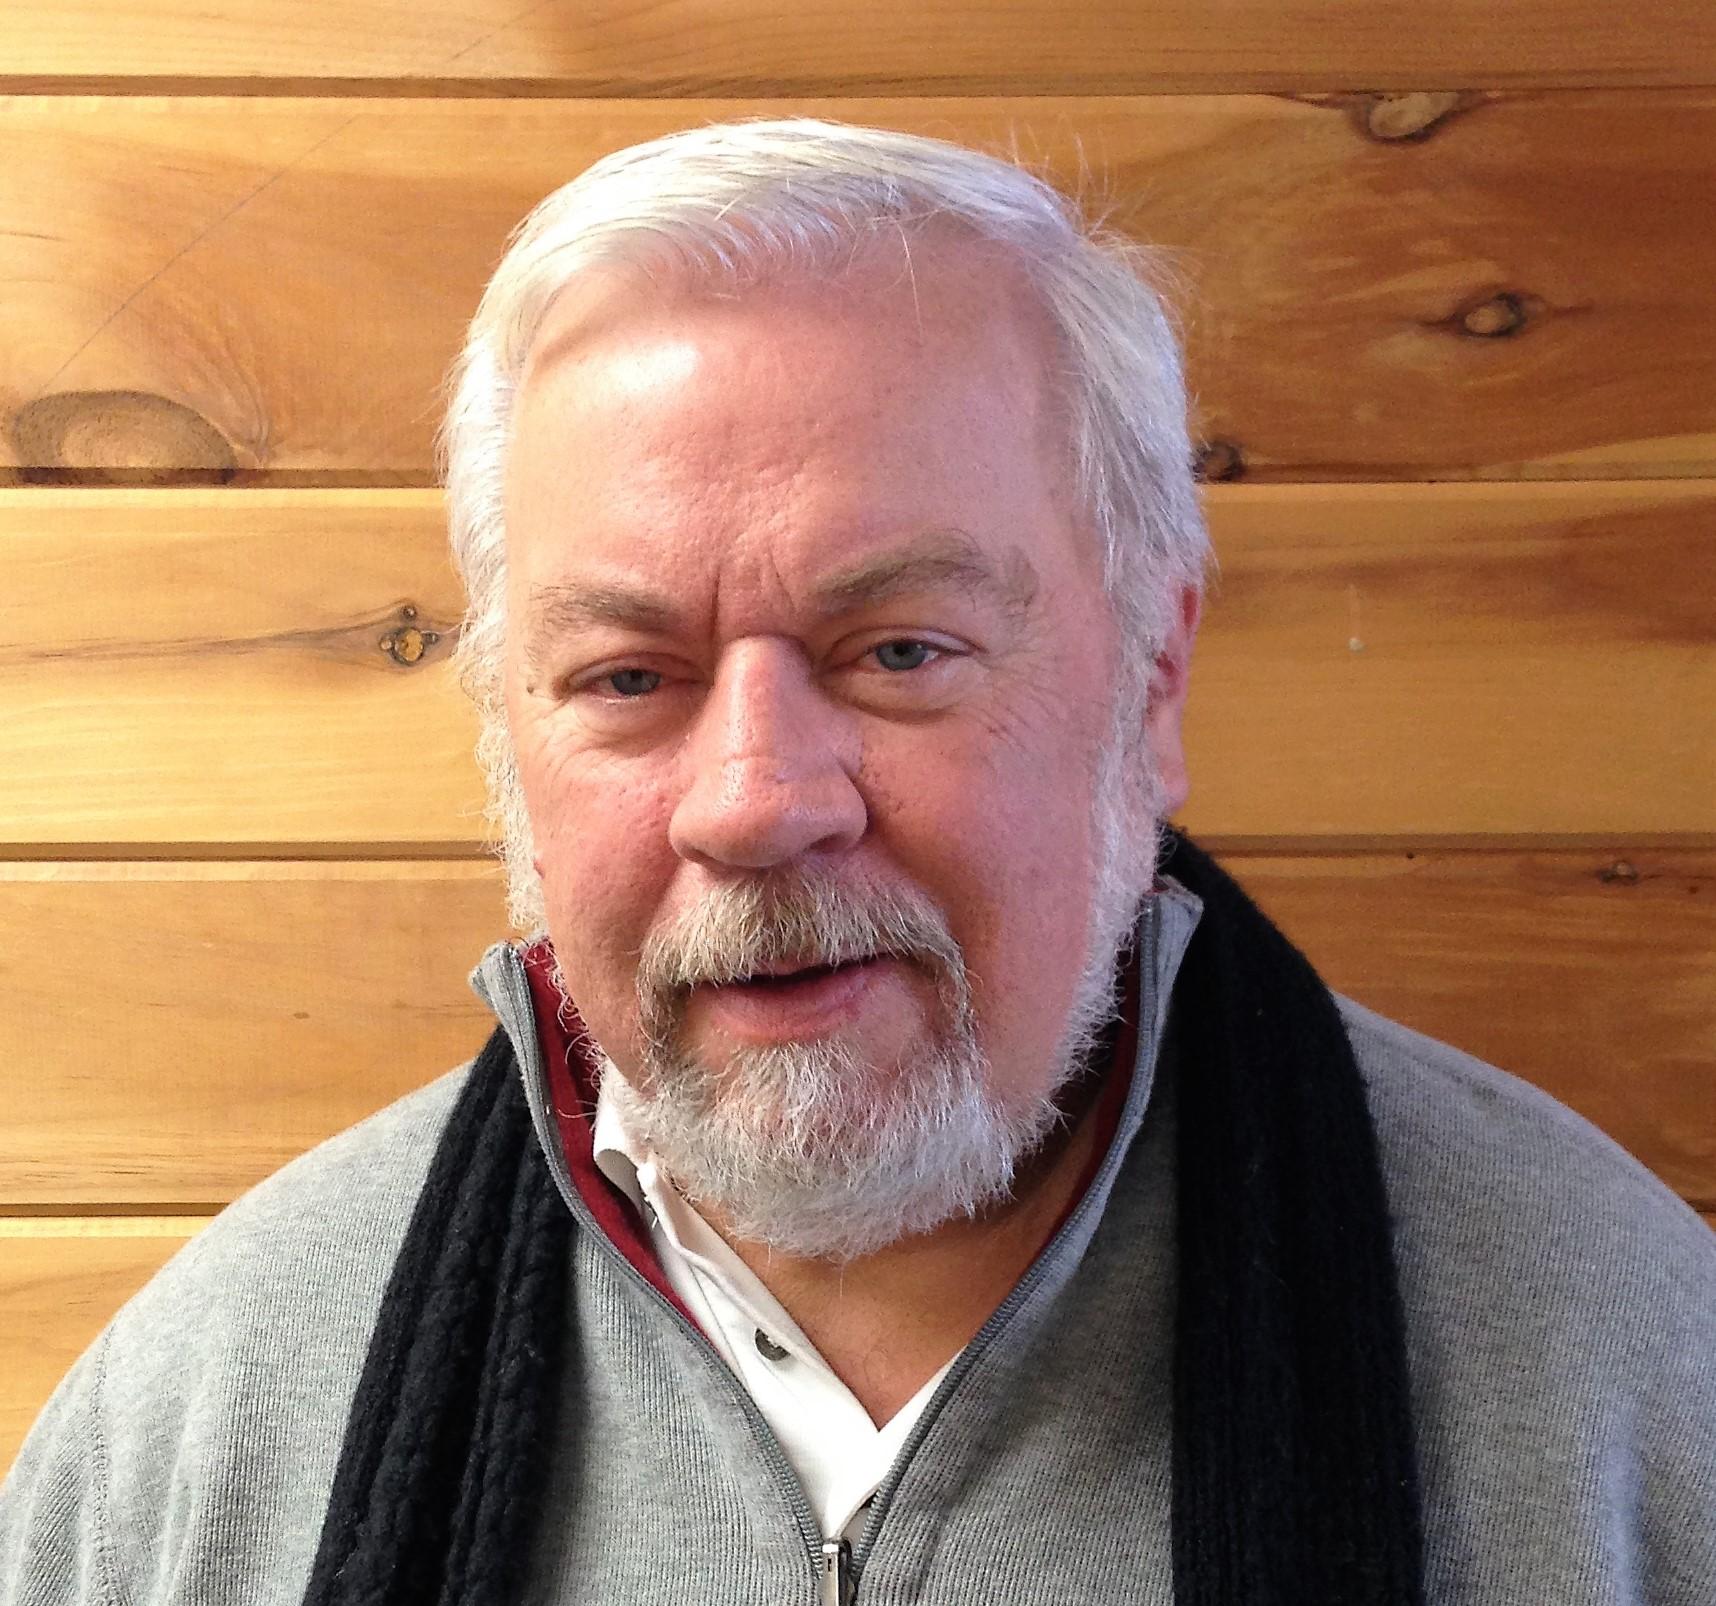 Mike Kohlmiller